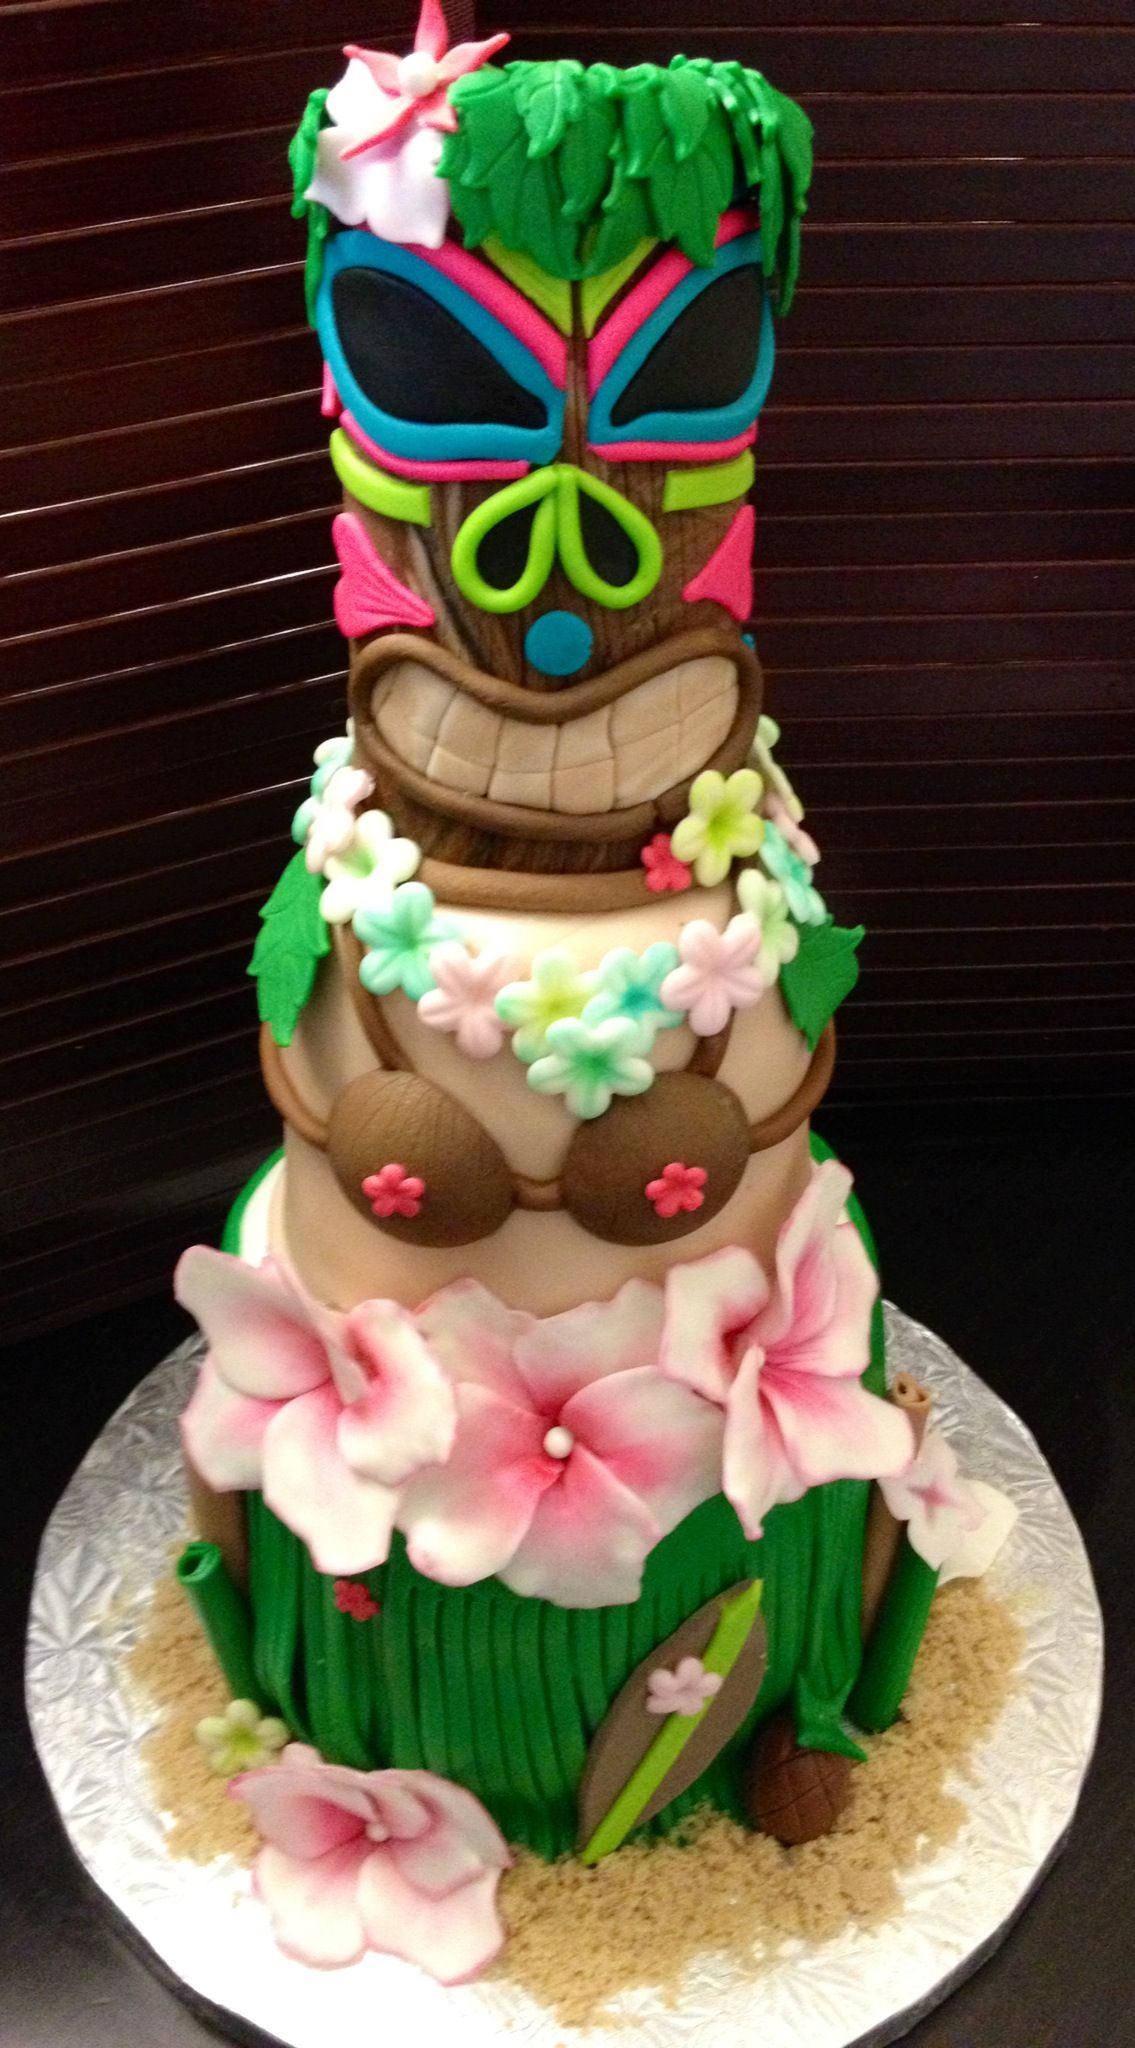 Astounding Tiki Cake For Your Summer Luau Tiki Cake Luau Cakes Themed Cakes Funny Birthday Cards Online Elaedamsfinfo